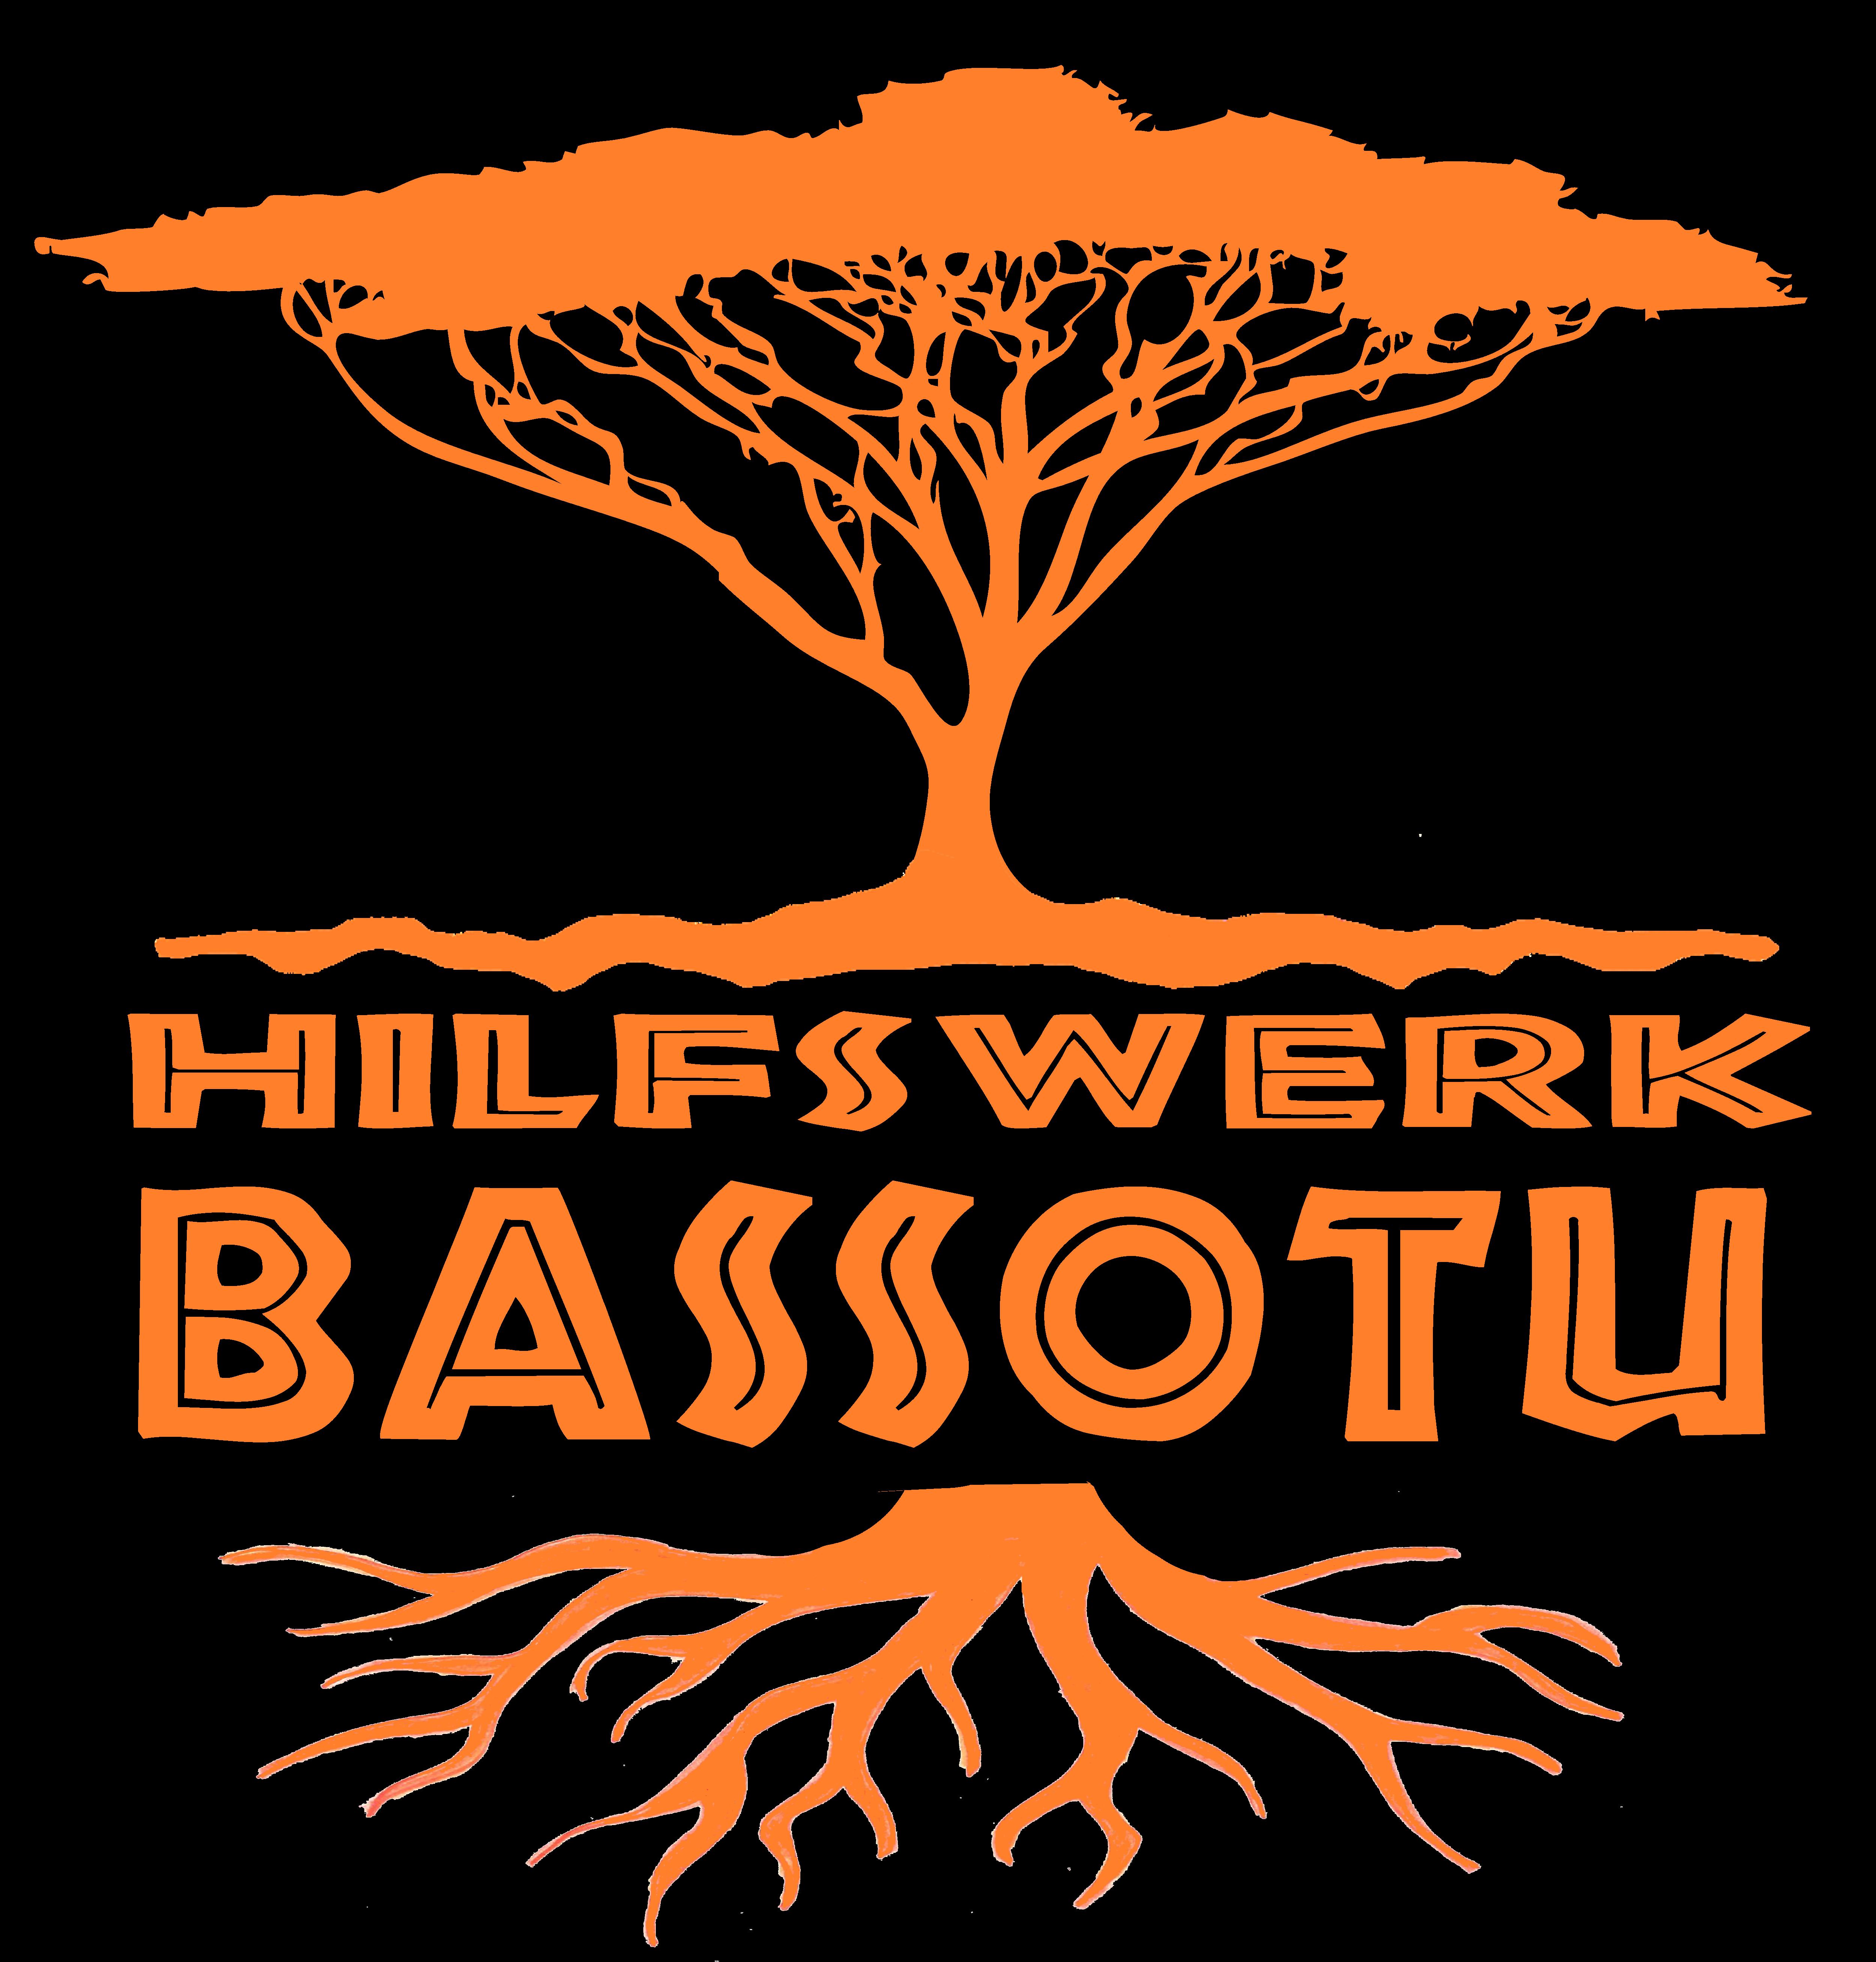 Hilfswerk Bassotu